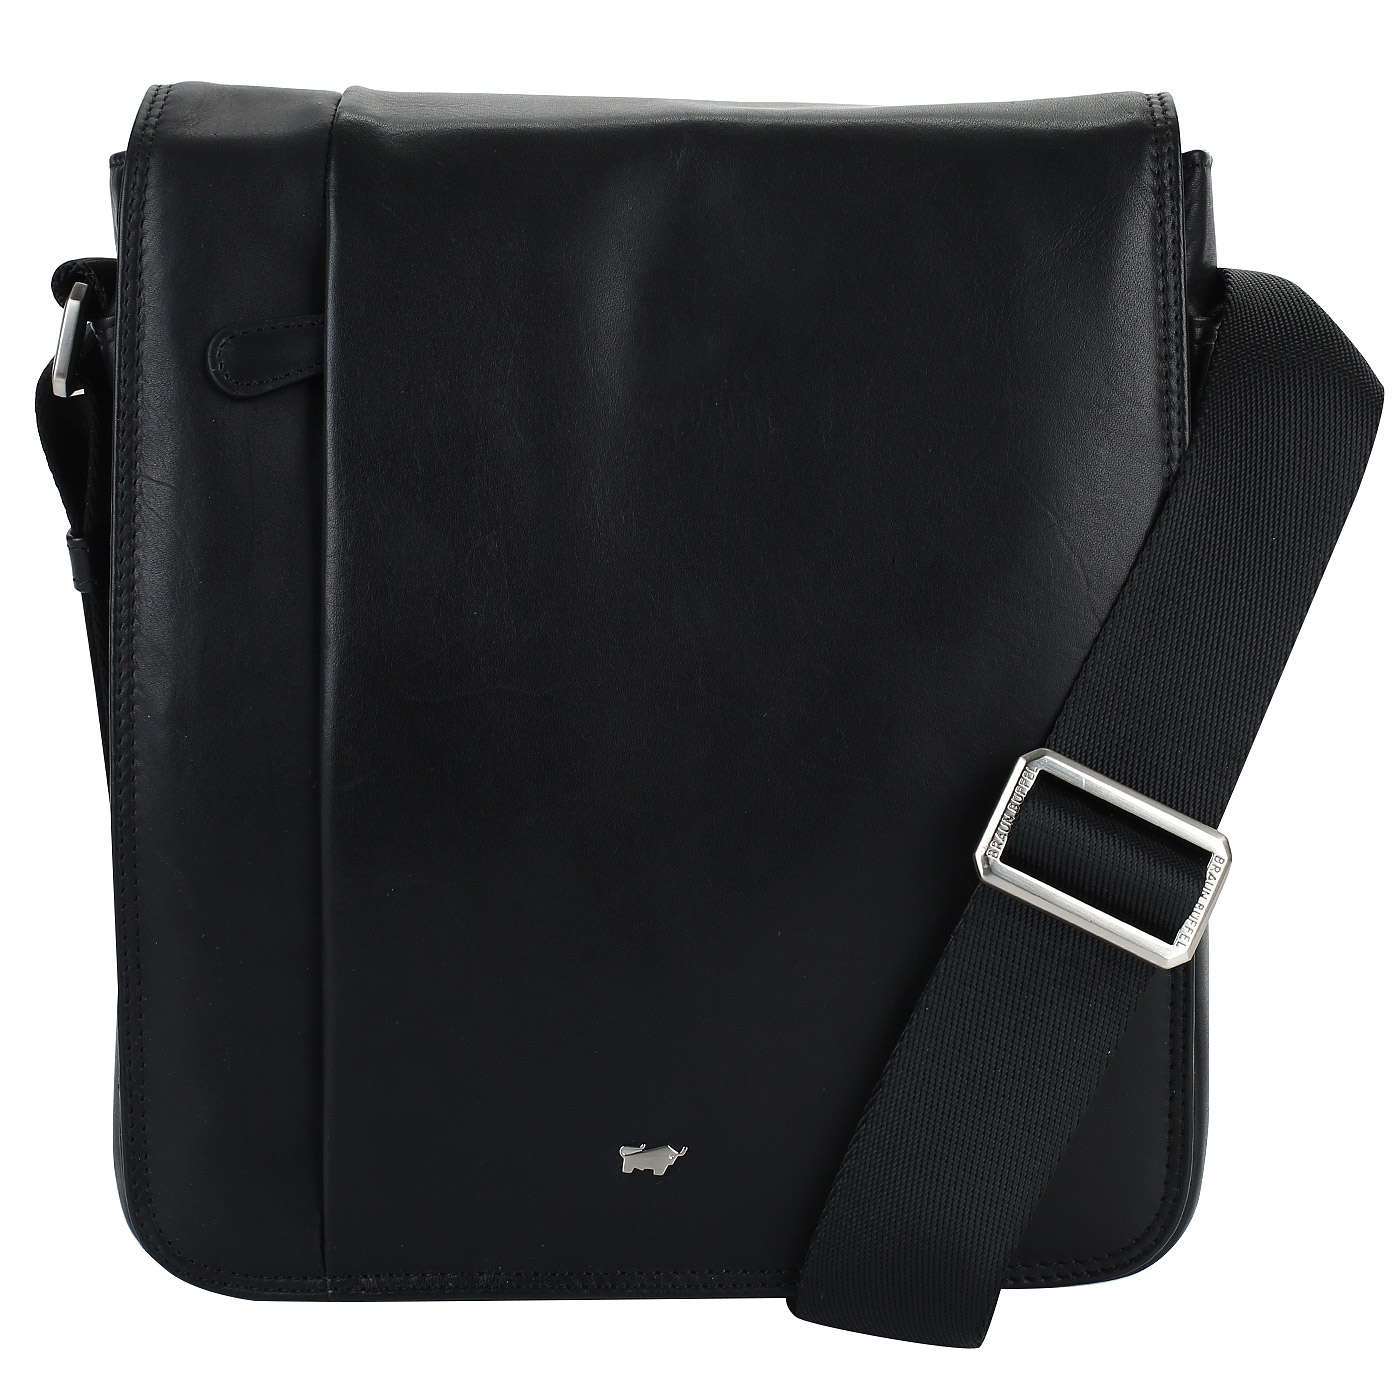 Мужская сумка-планшет из натуральной кожи Braun Buffel Golf 92565 ... 9115163518f75